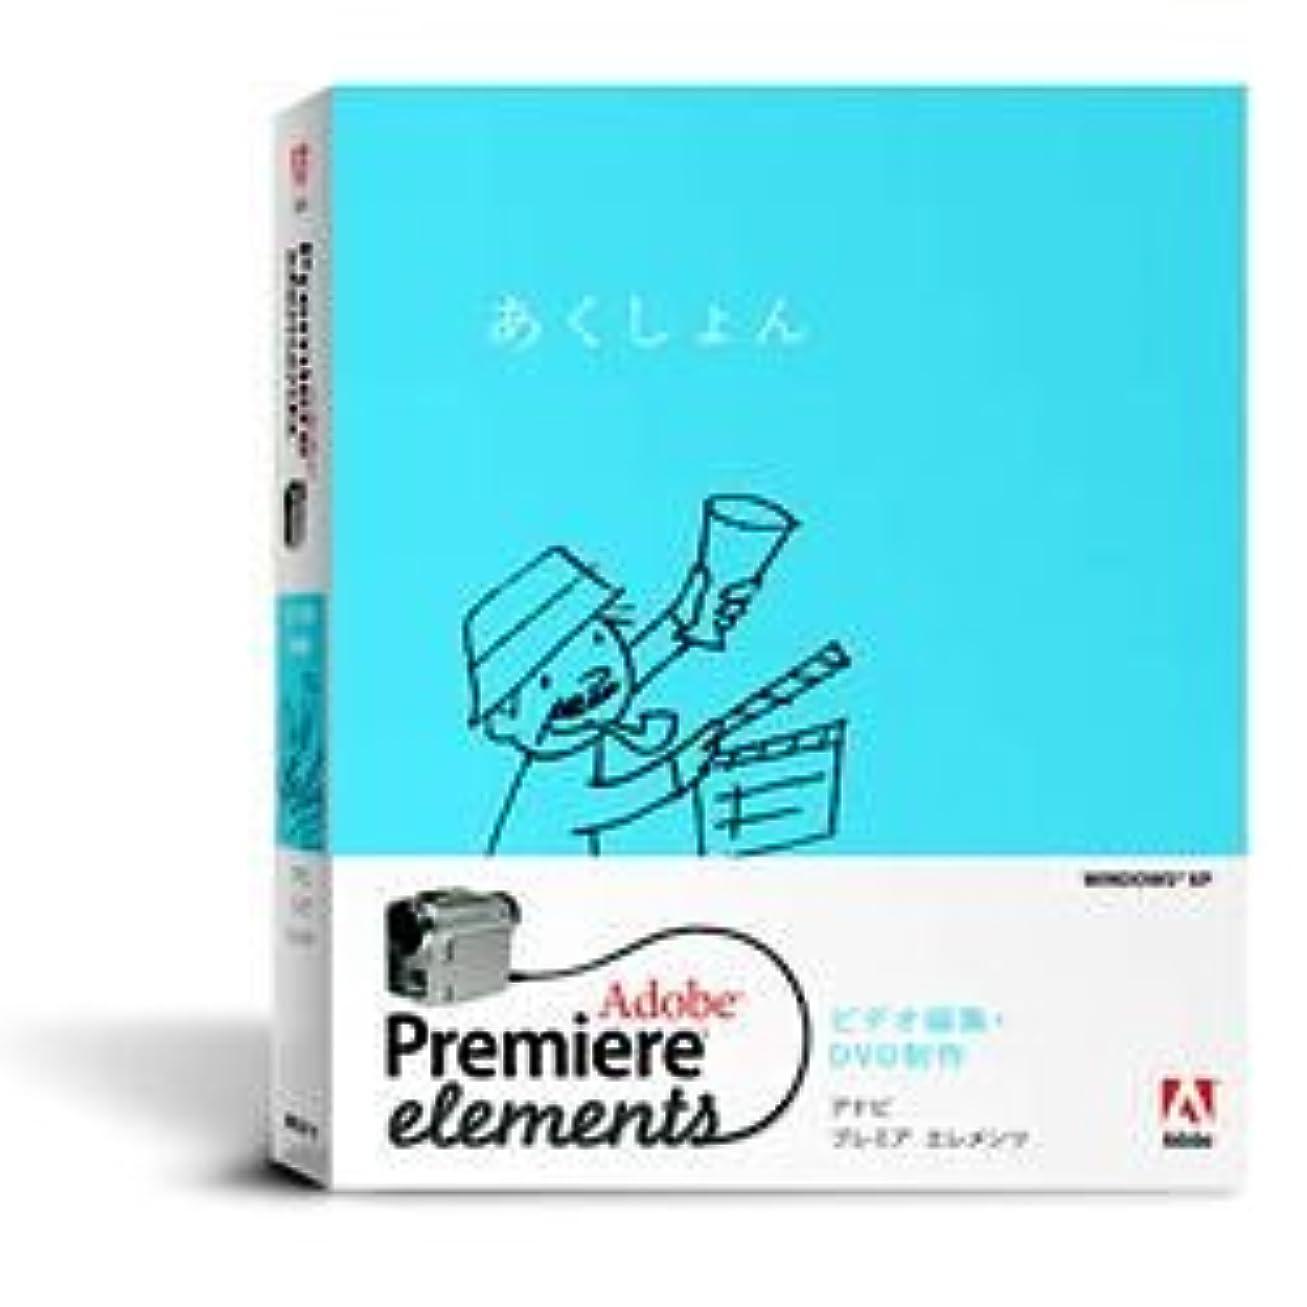 専門用語アノイゴルフAdobe Premiere Elements 日本語版 Windows版